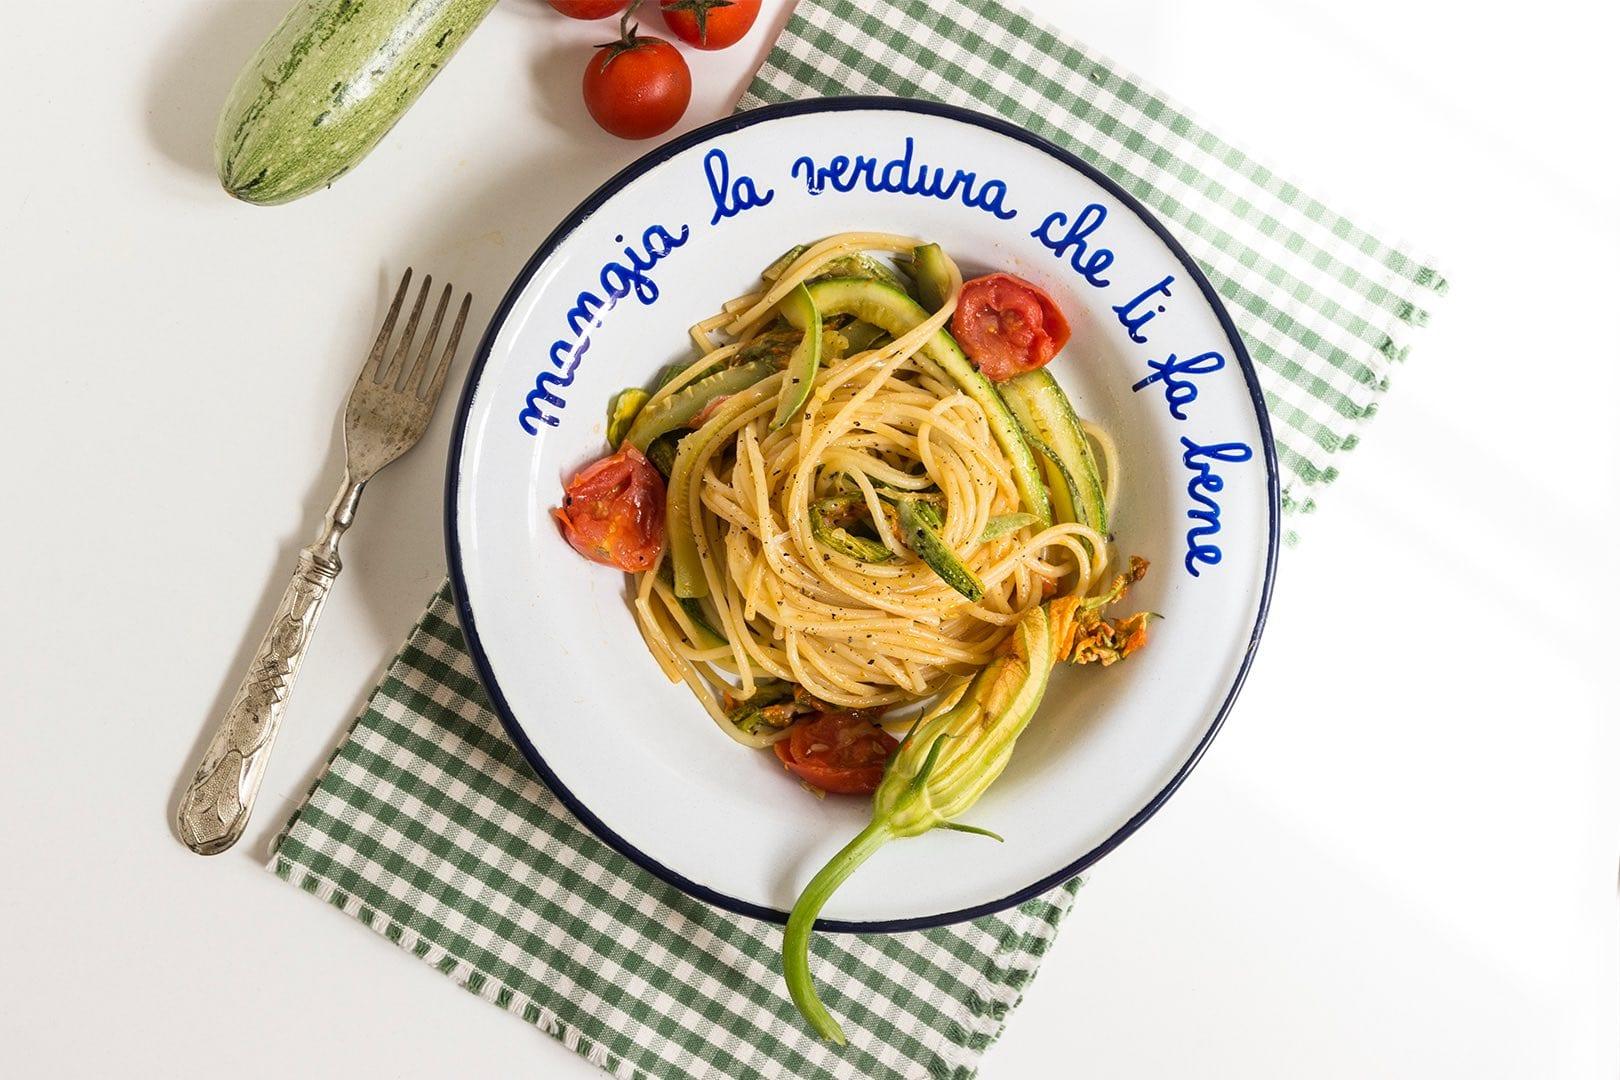 Spaghetti cacio e pepe